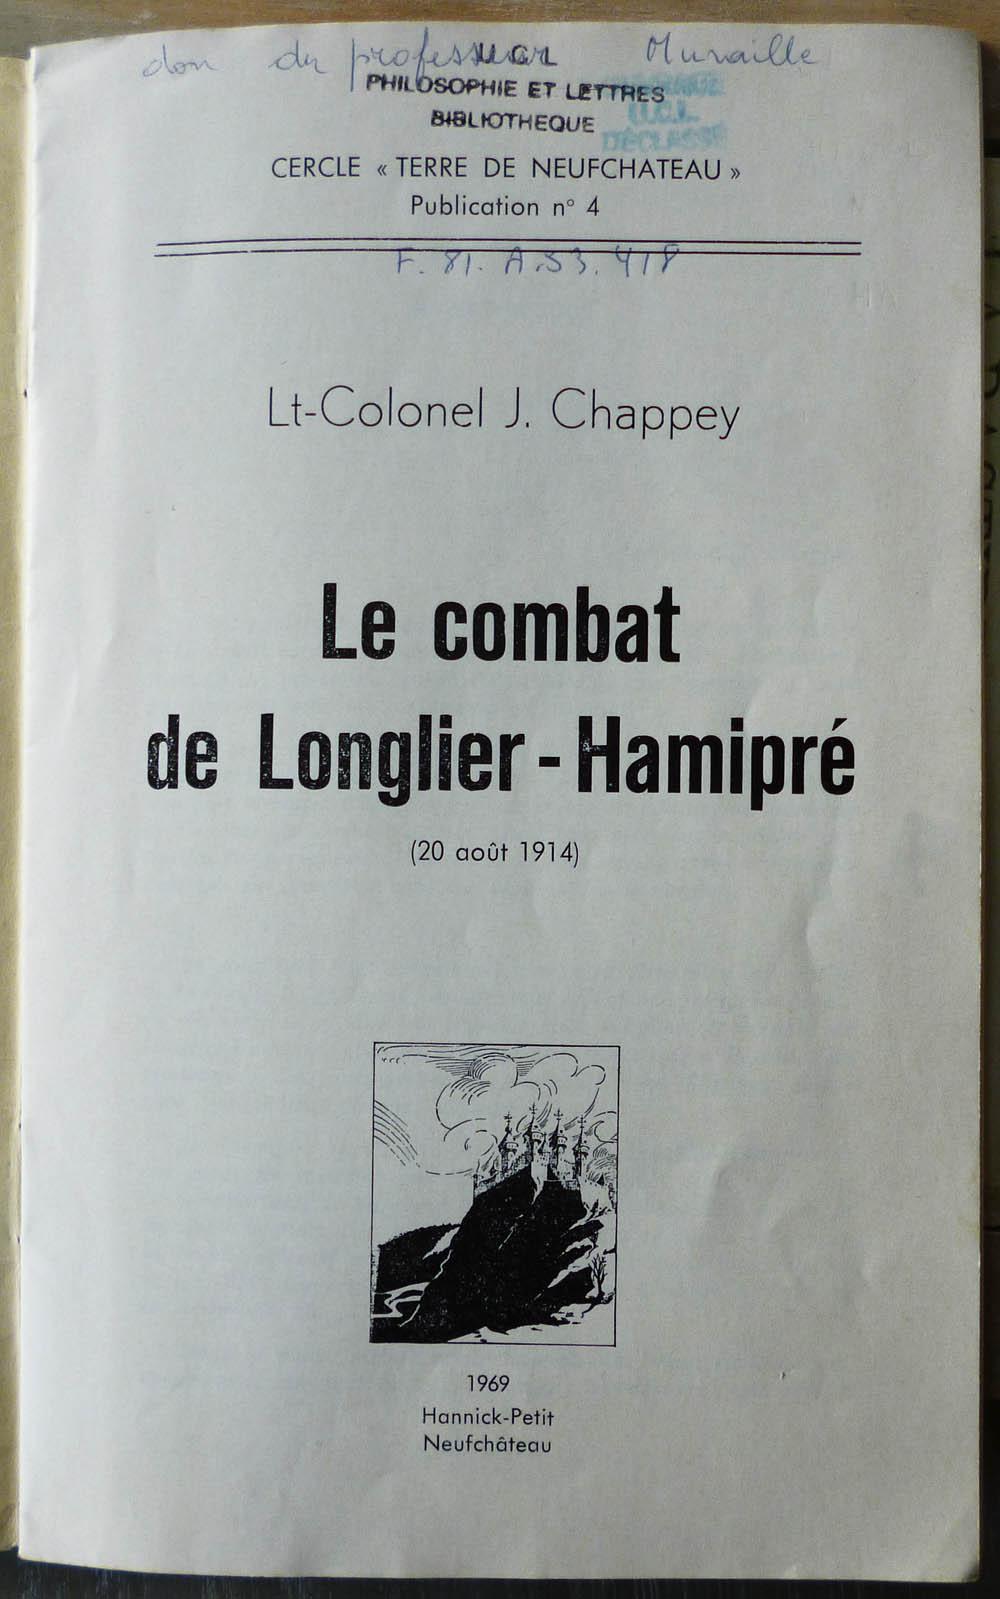 site me be le combat de Longlier-Hamipré de Chappey